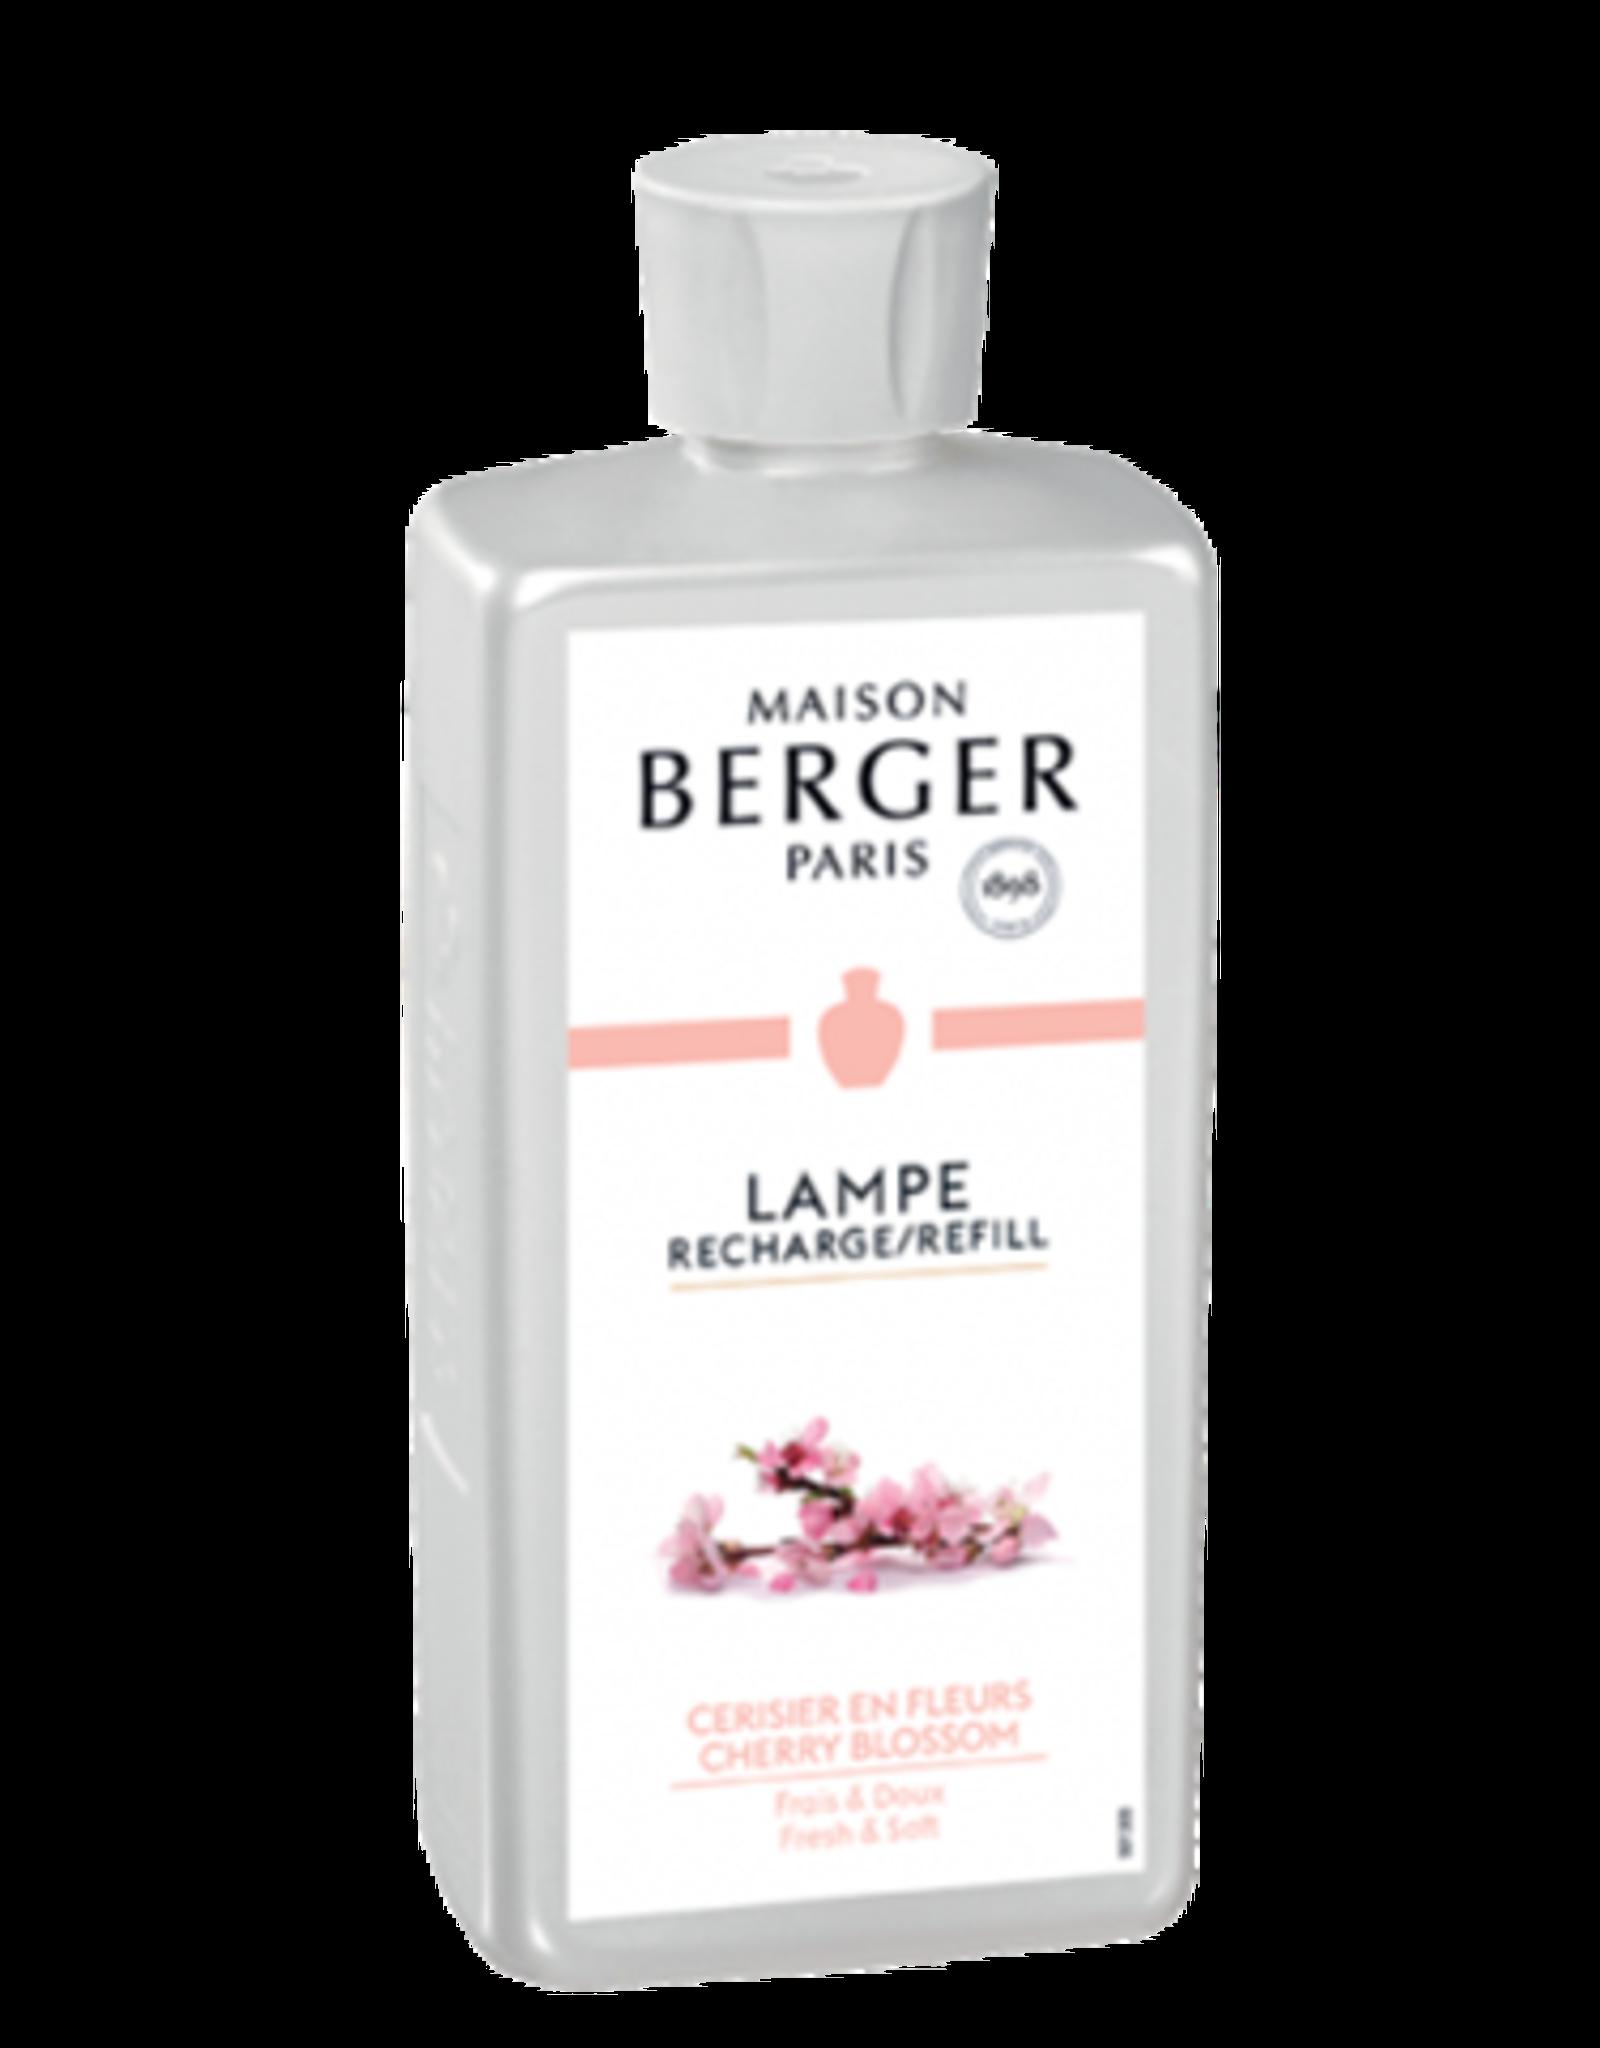 Maison Berger Cerisier en fleurs